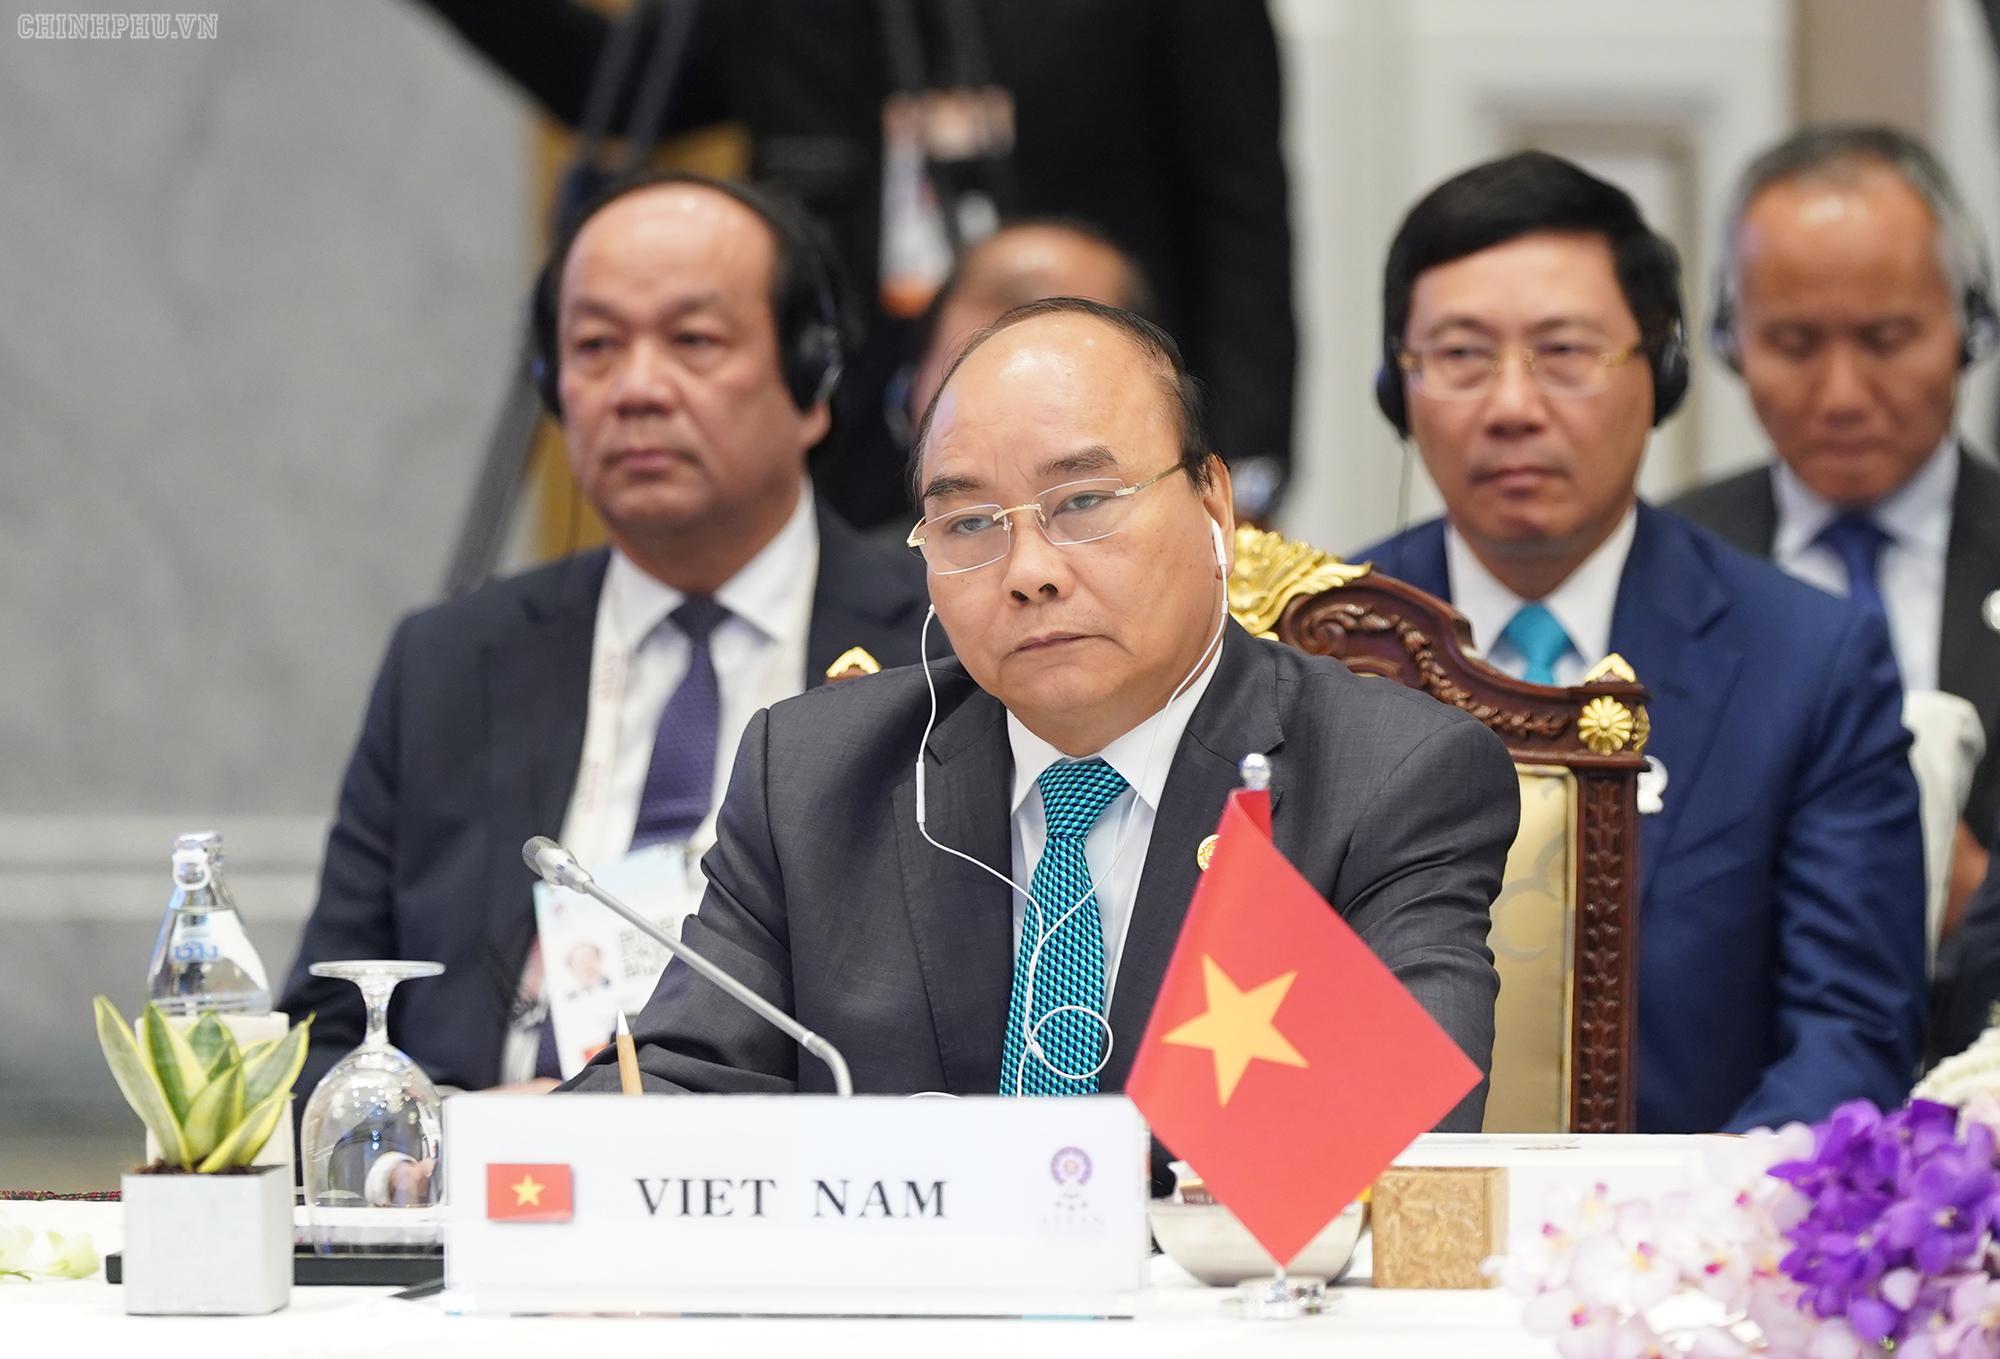 ASEAN cần đặt ưu tiên hàng đầu tiếp tục củng cố đoàn kết, gắn kết nội khối